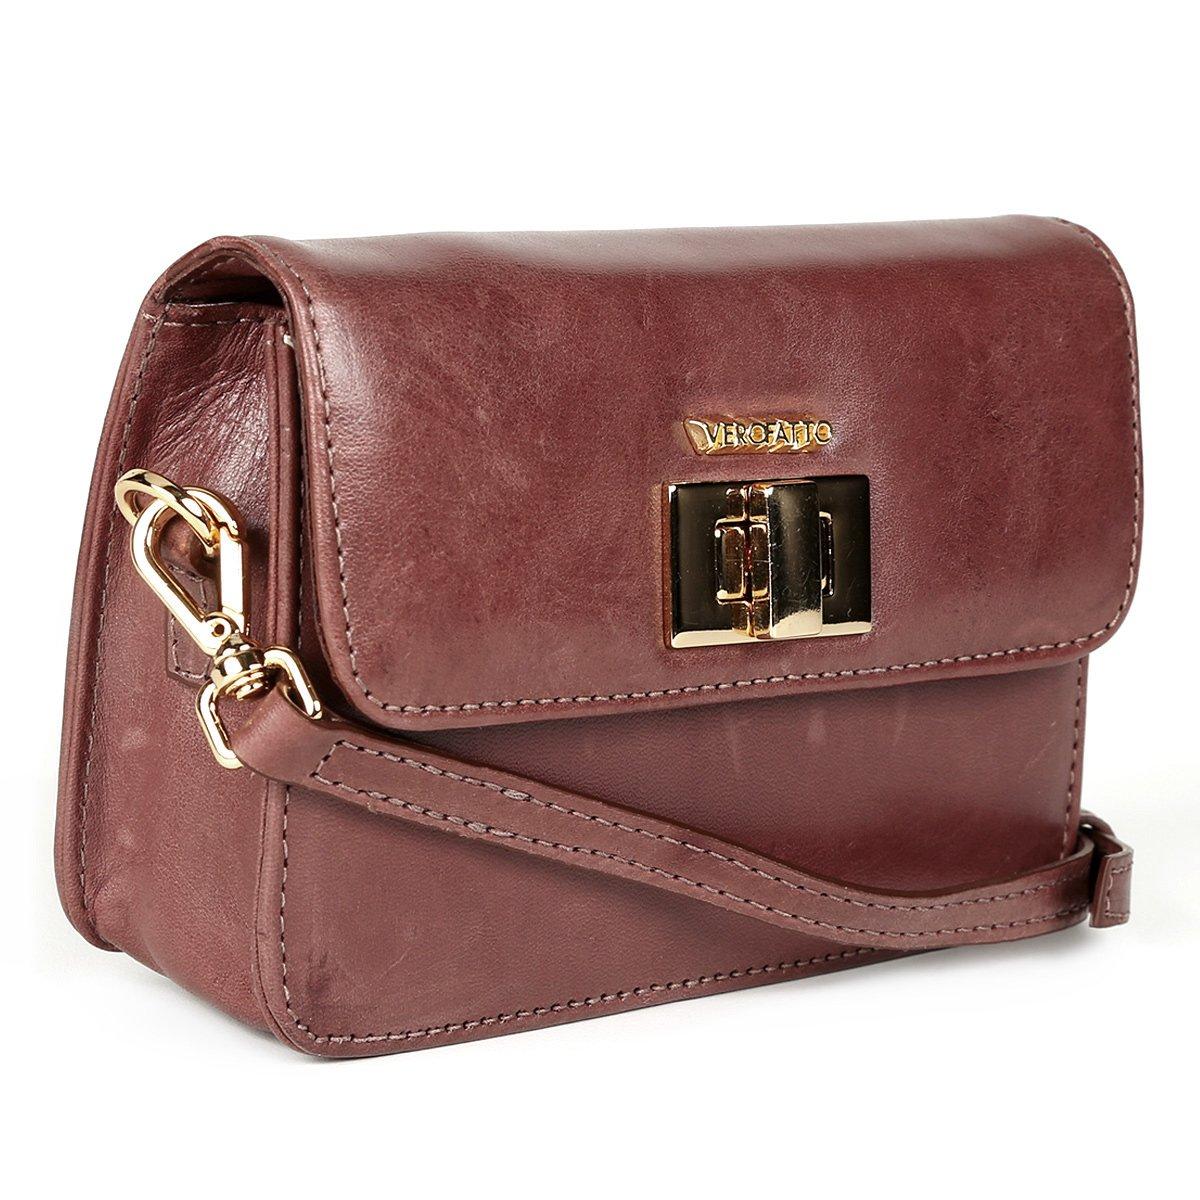 c68c918ba Bolsa Couro Verofatto Mini Bag Transversal Feminina   Livelo -Sua Vida com  Mais Recompensas